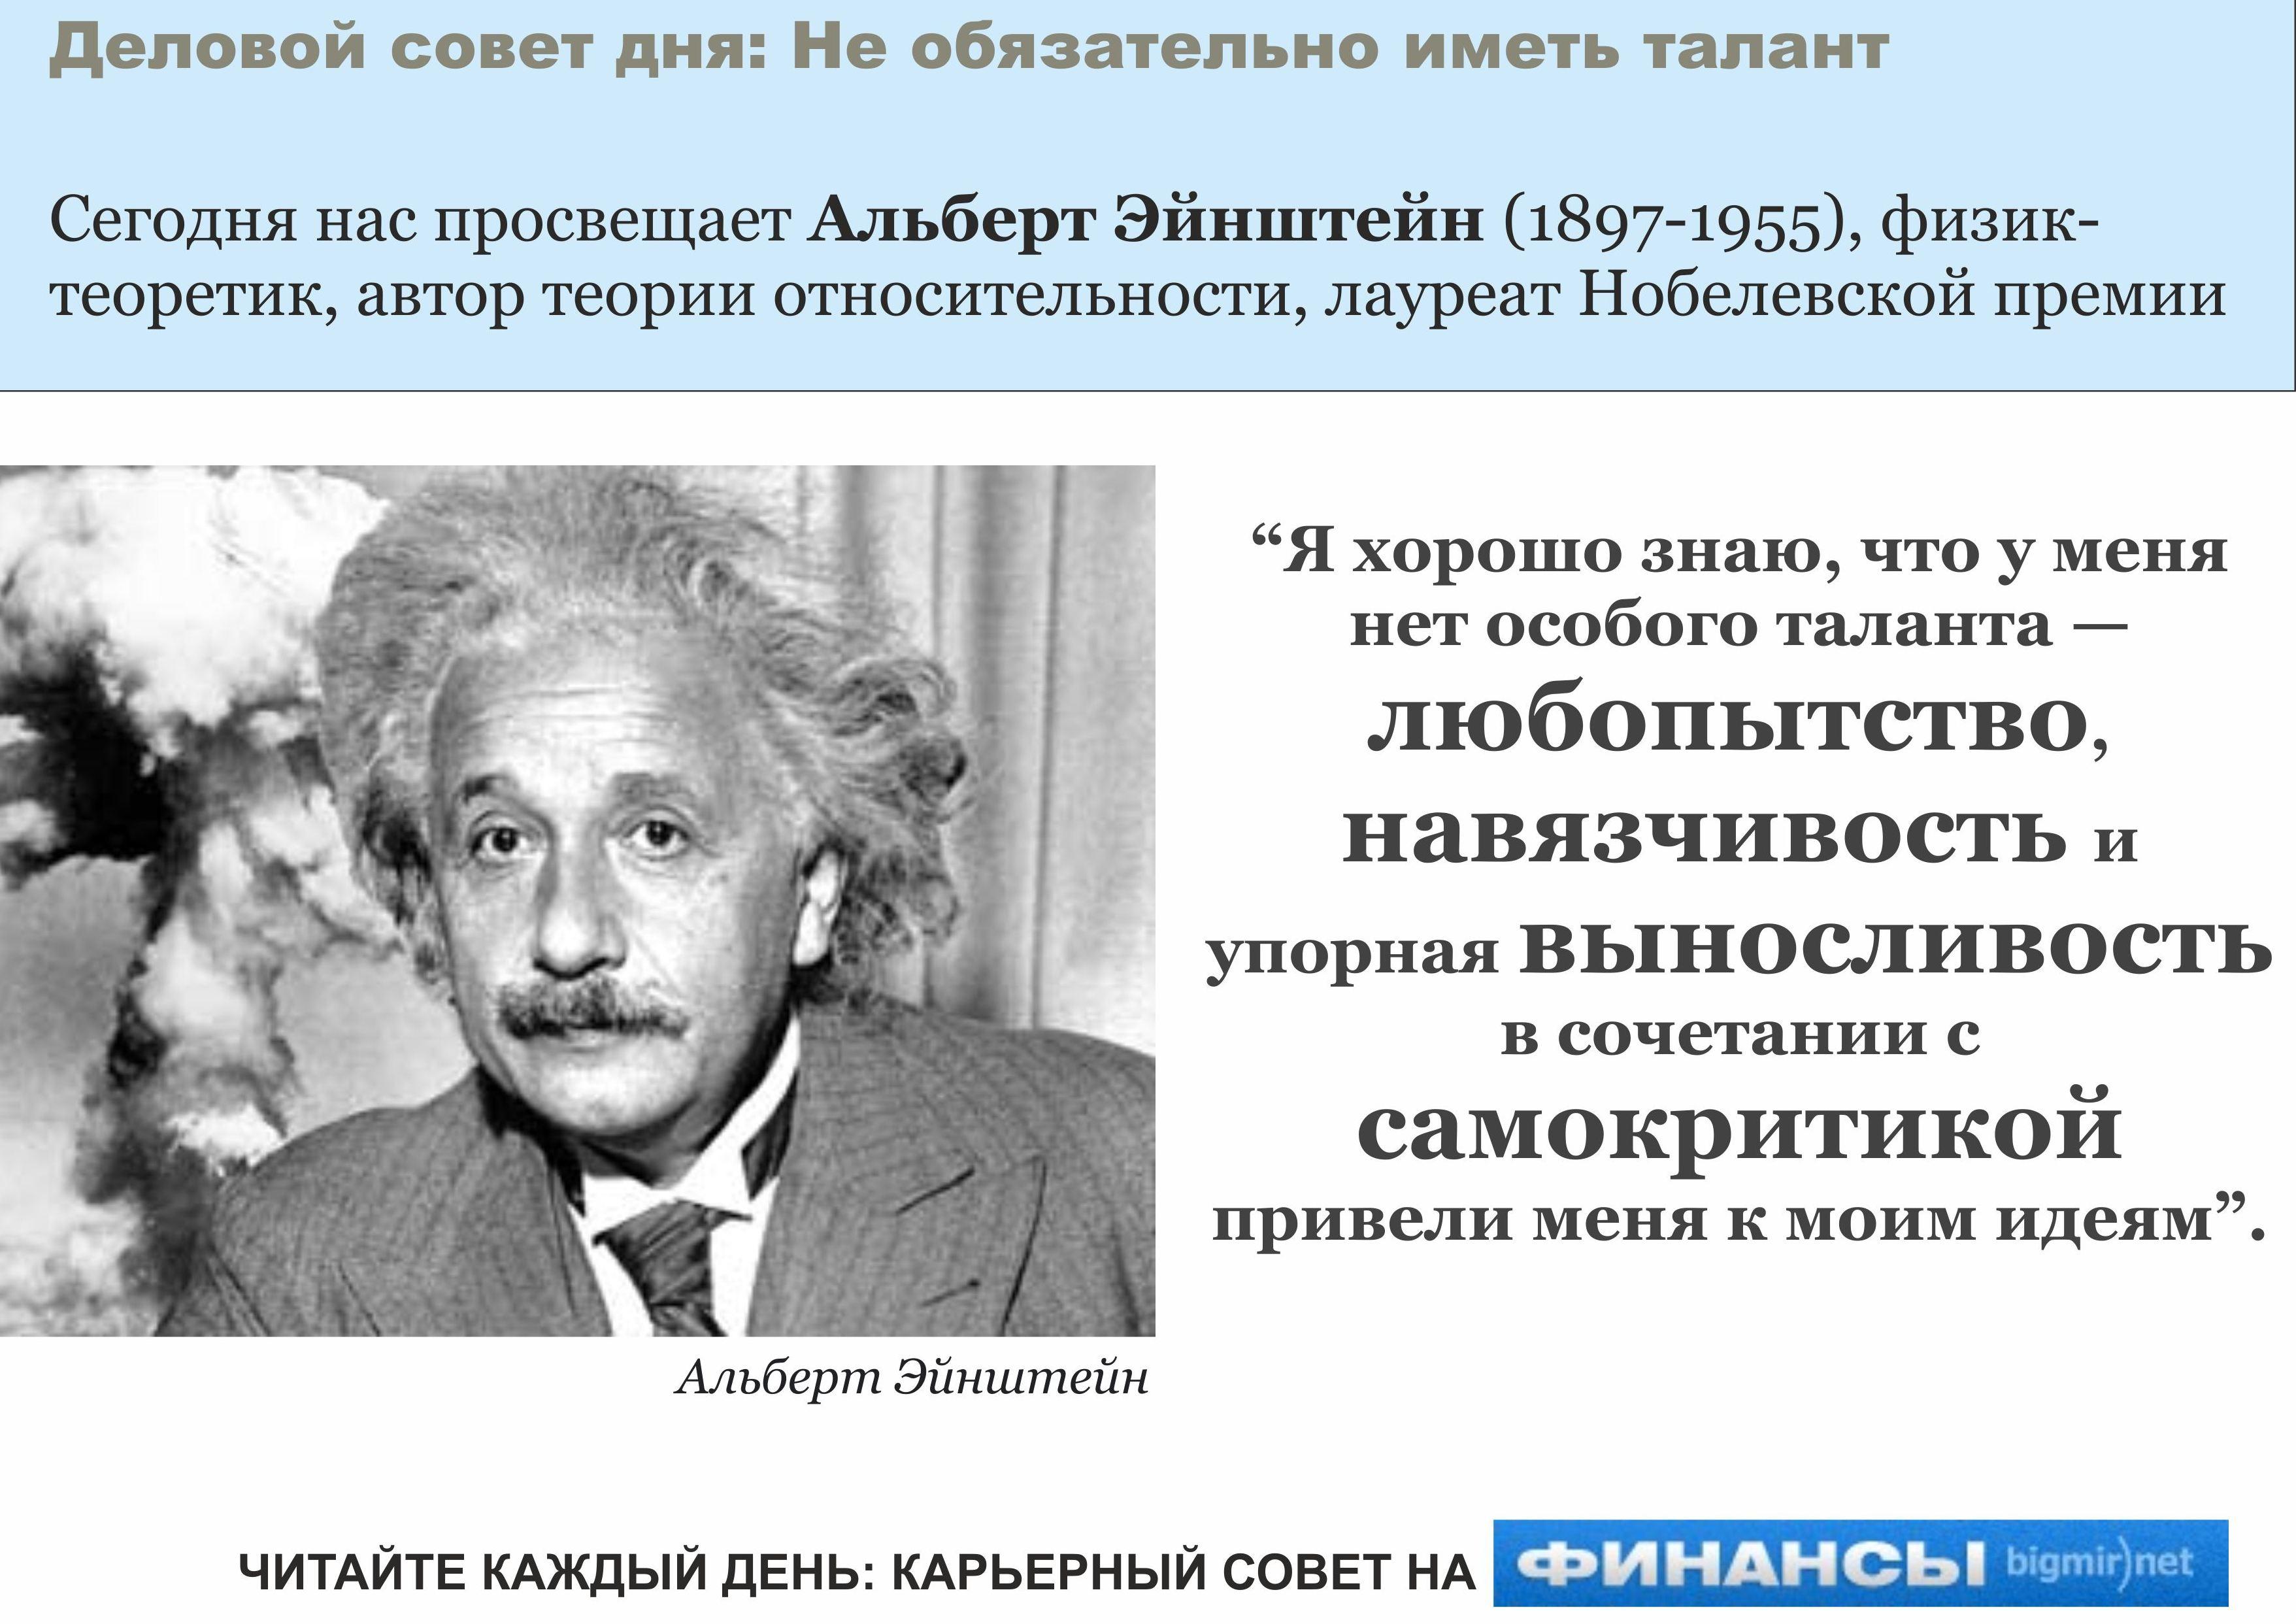 Деловой совет дня от великого физика ХХ века